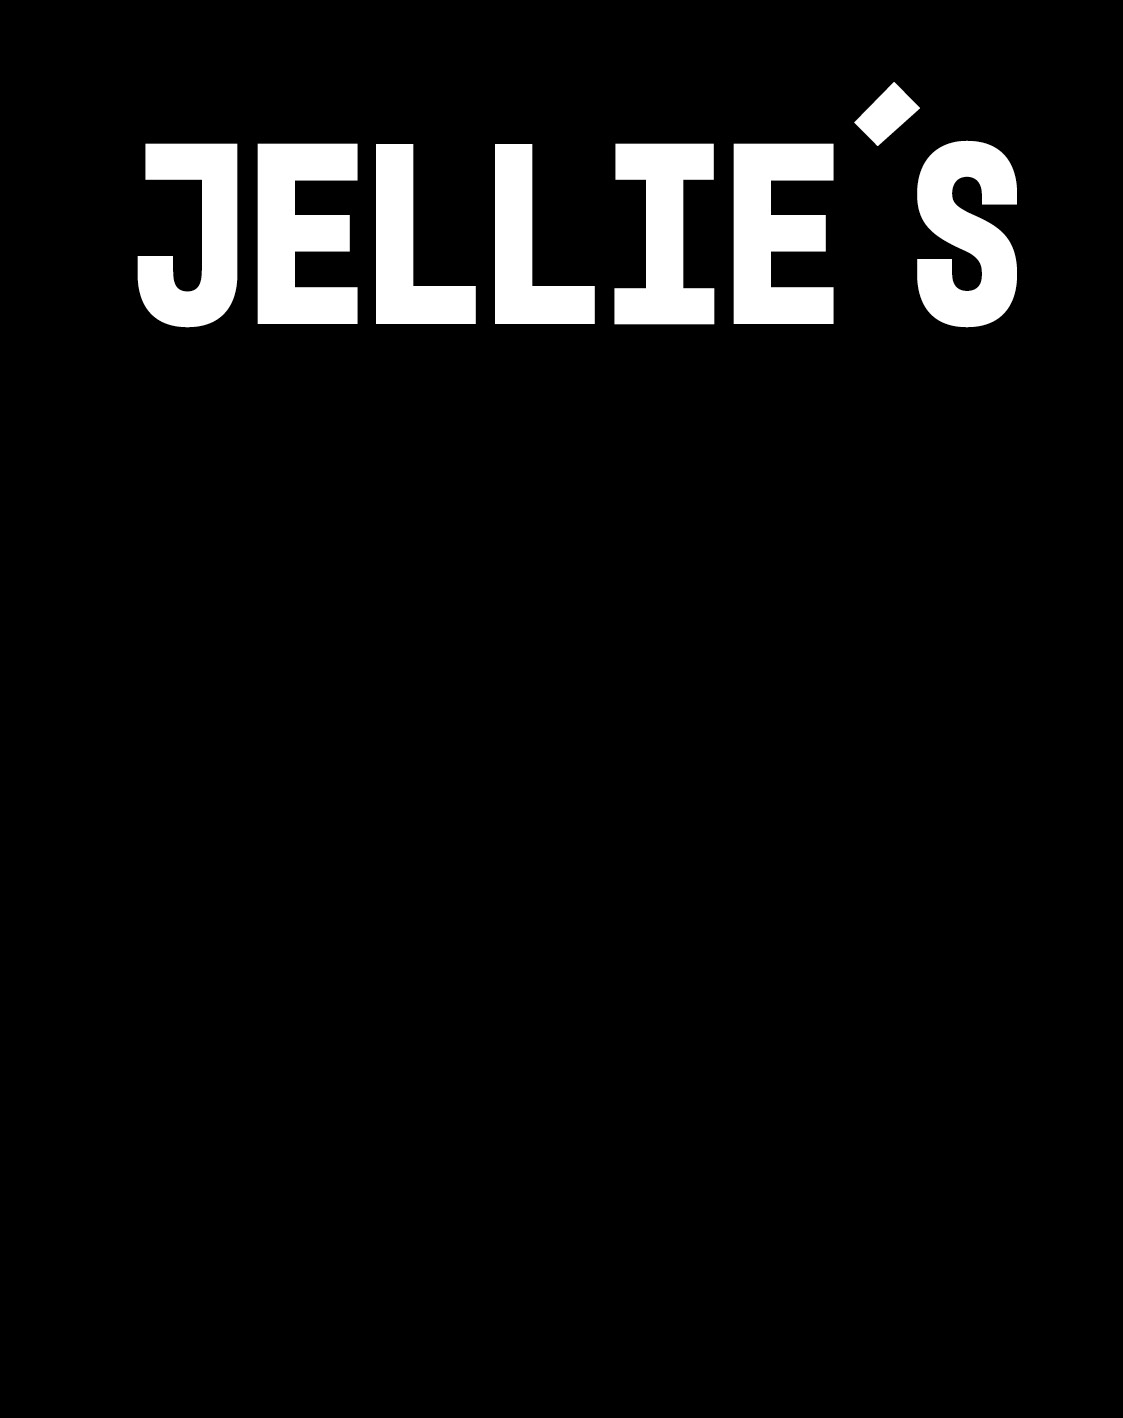 Jellie's